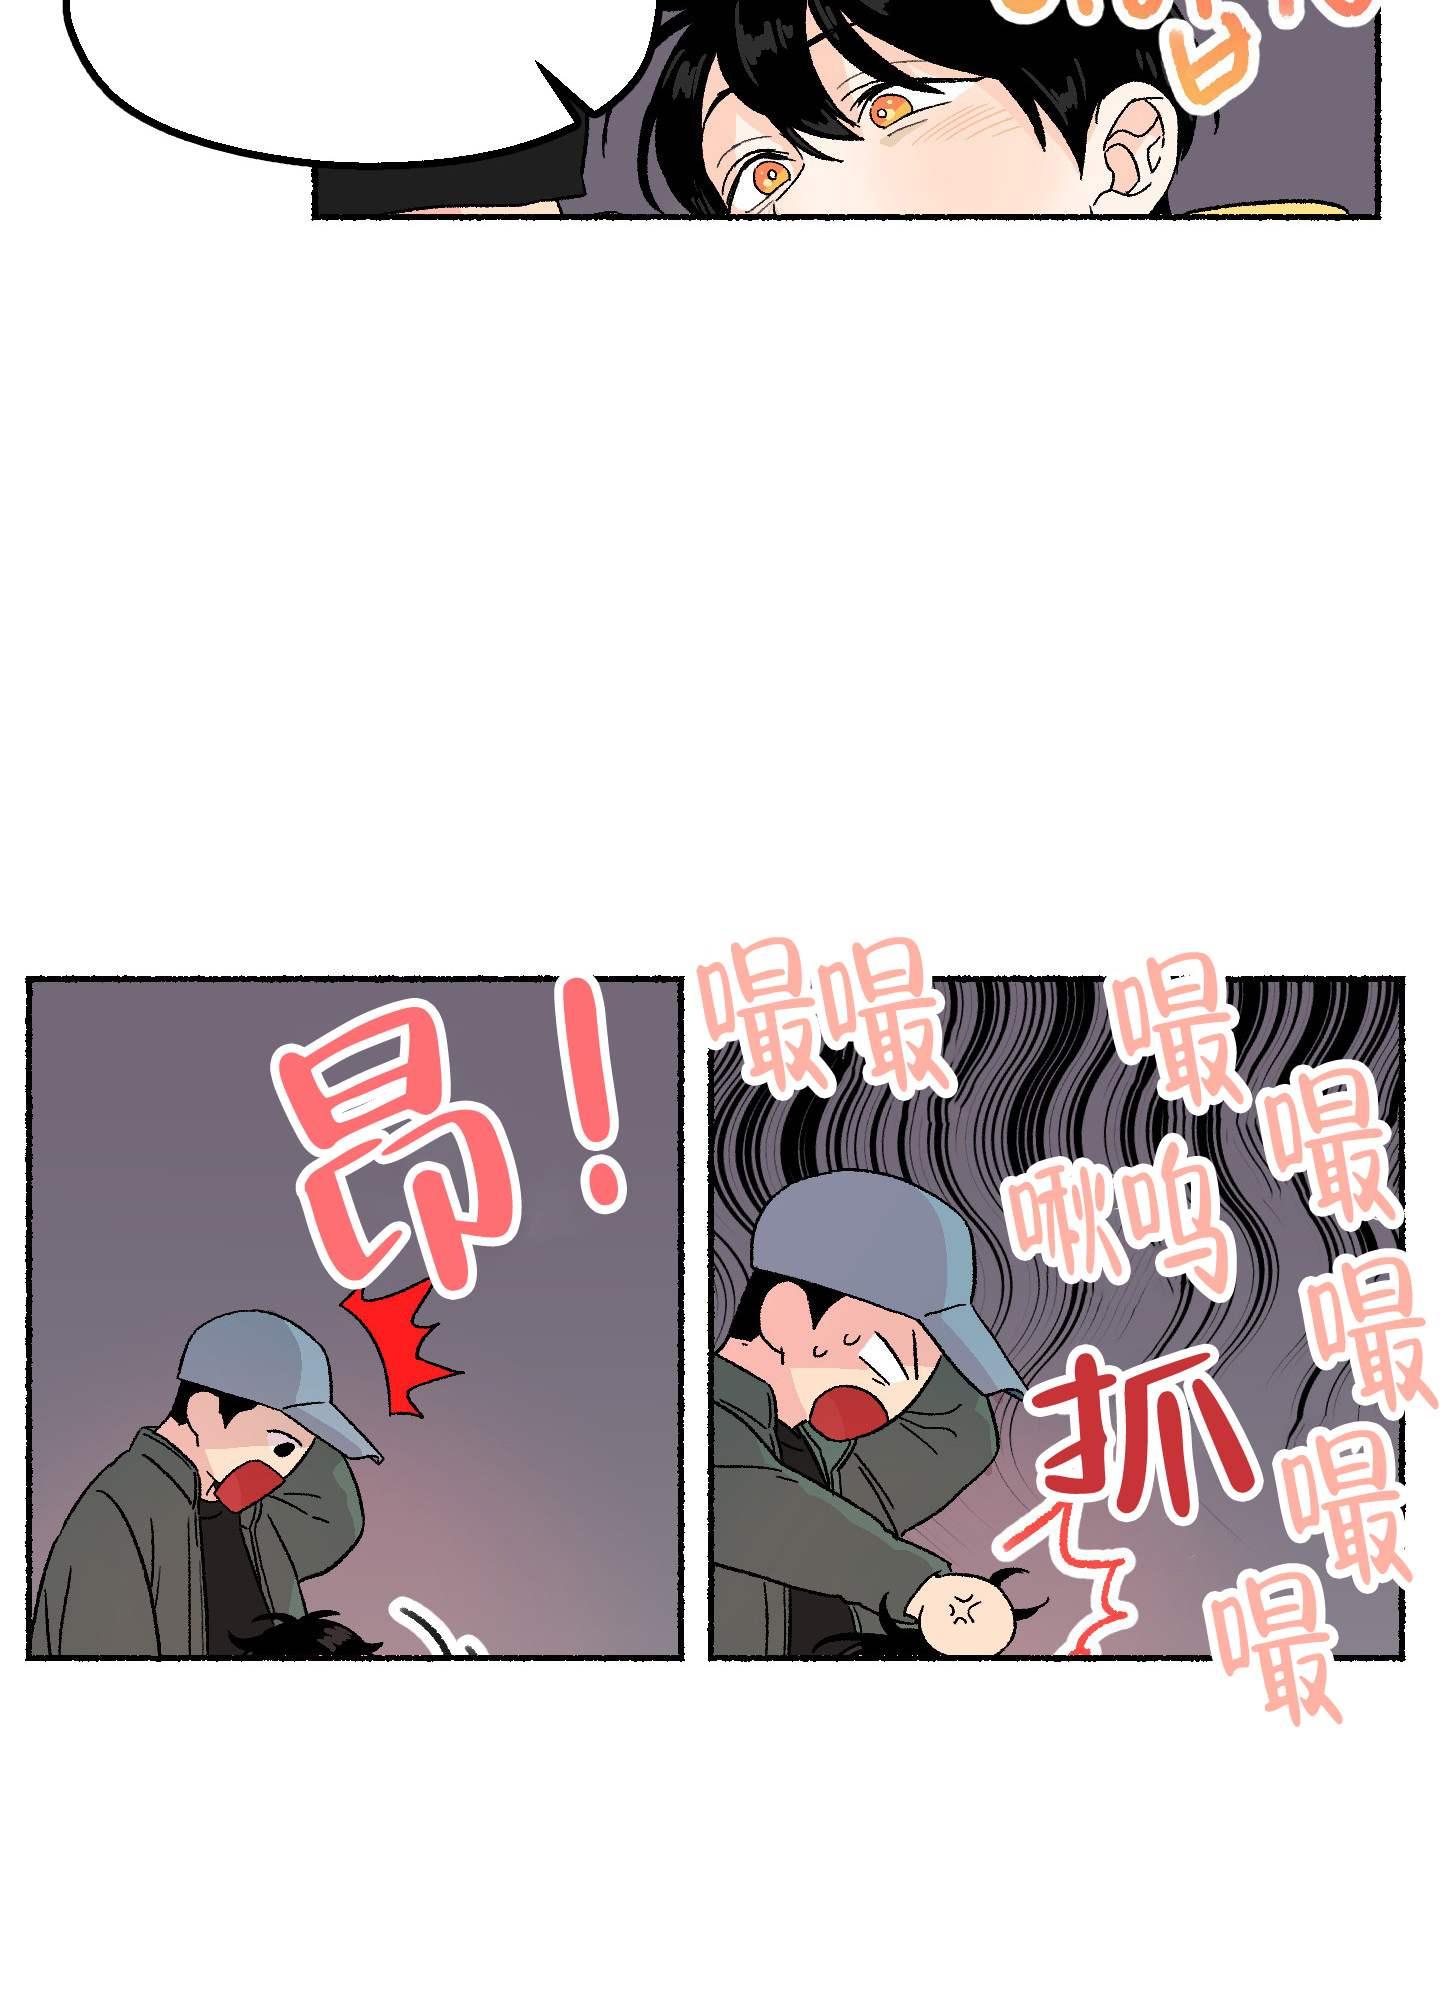 韩漫 |《狡猾的鲁鲁》  恶魔与人类,一饿就开do!  第21张